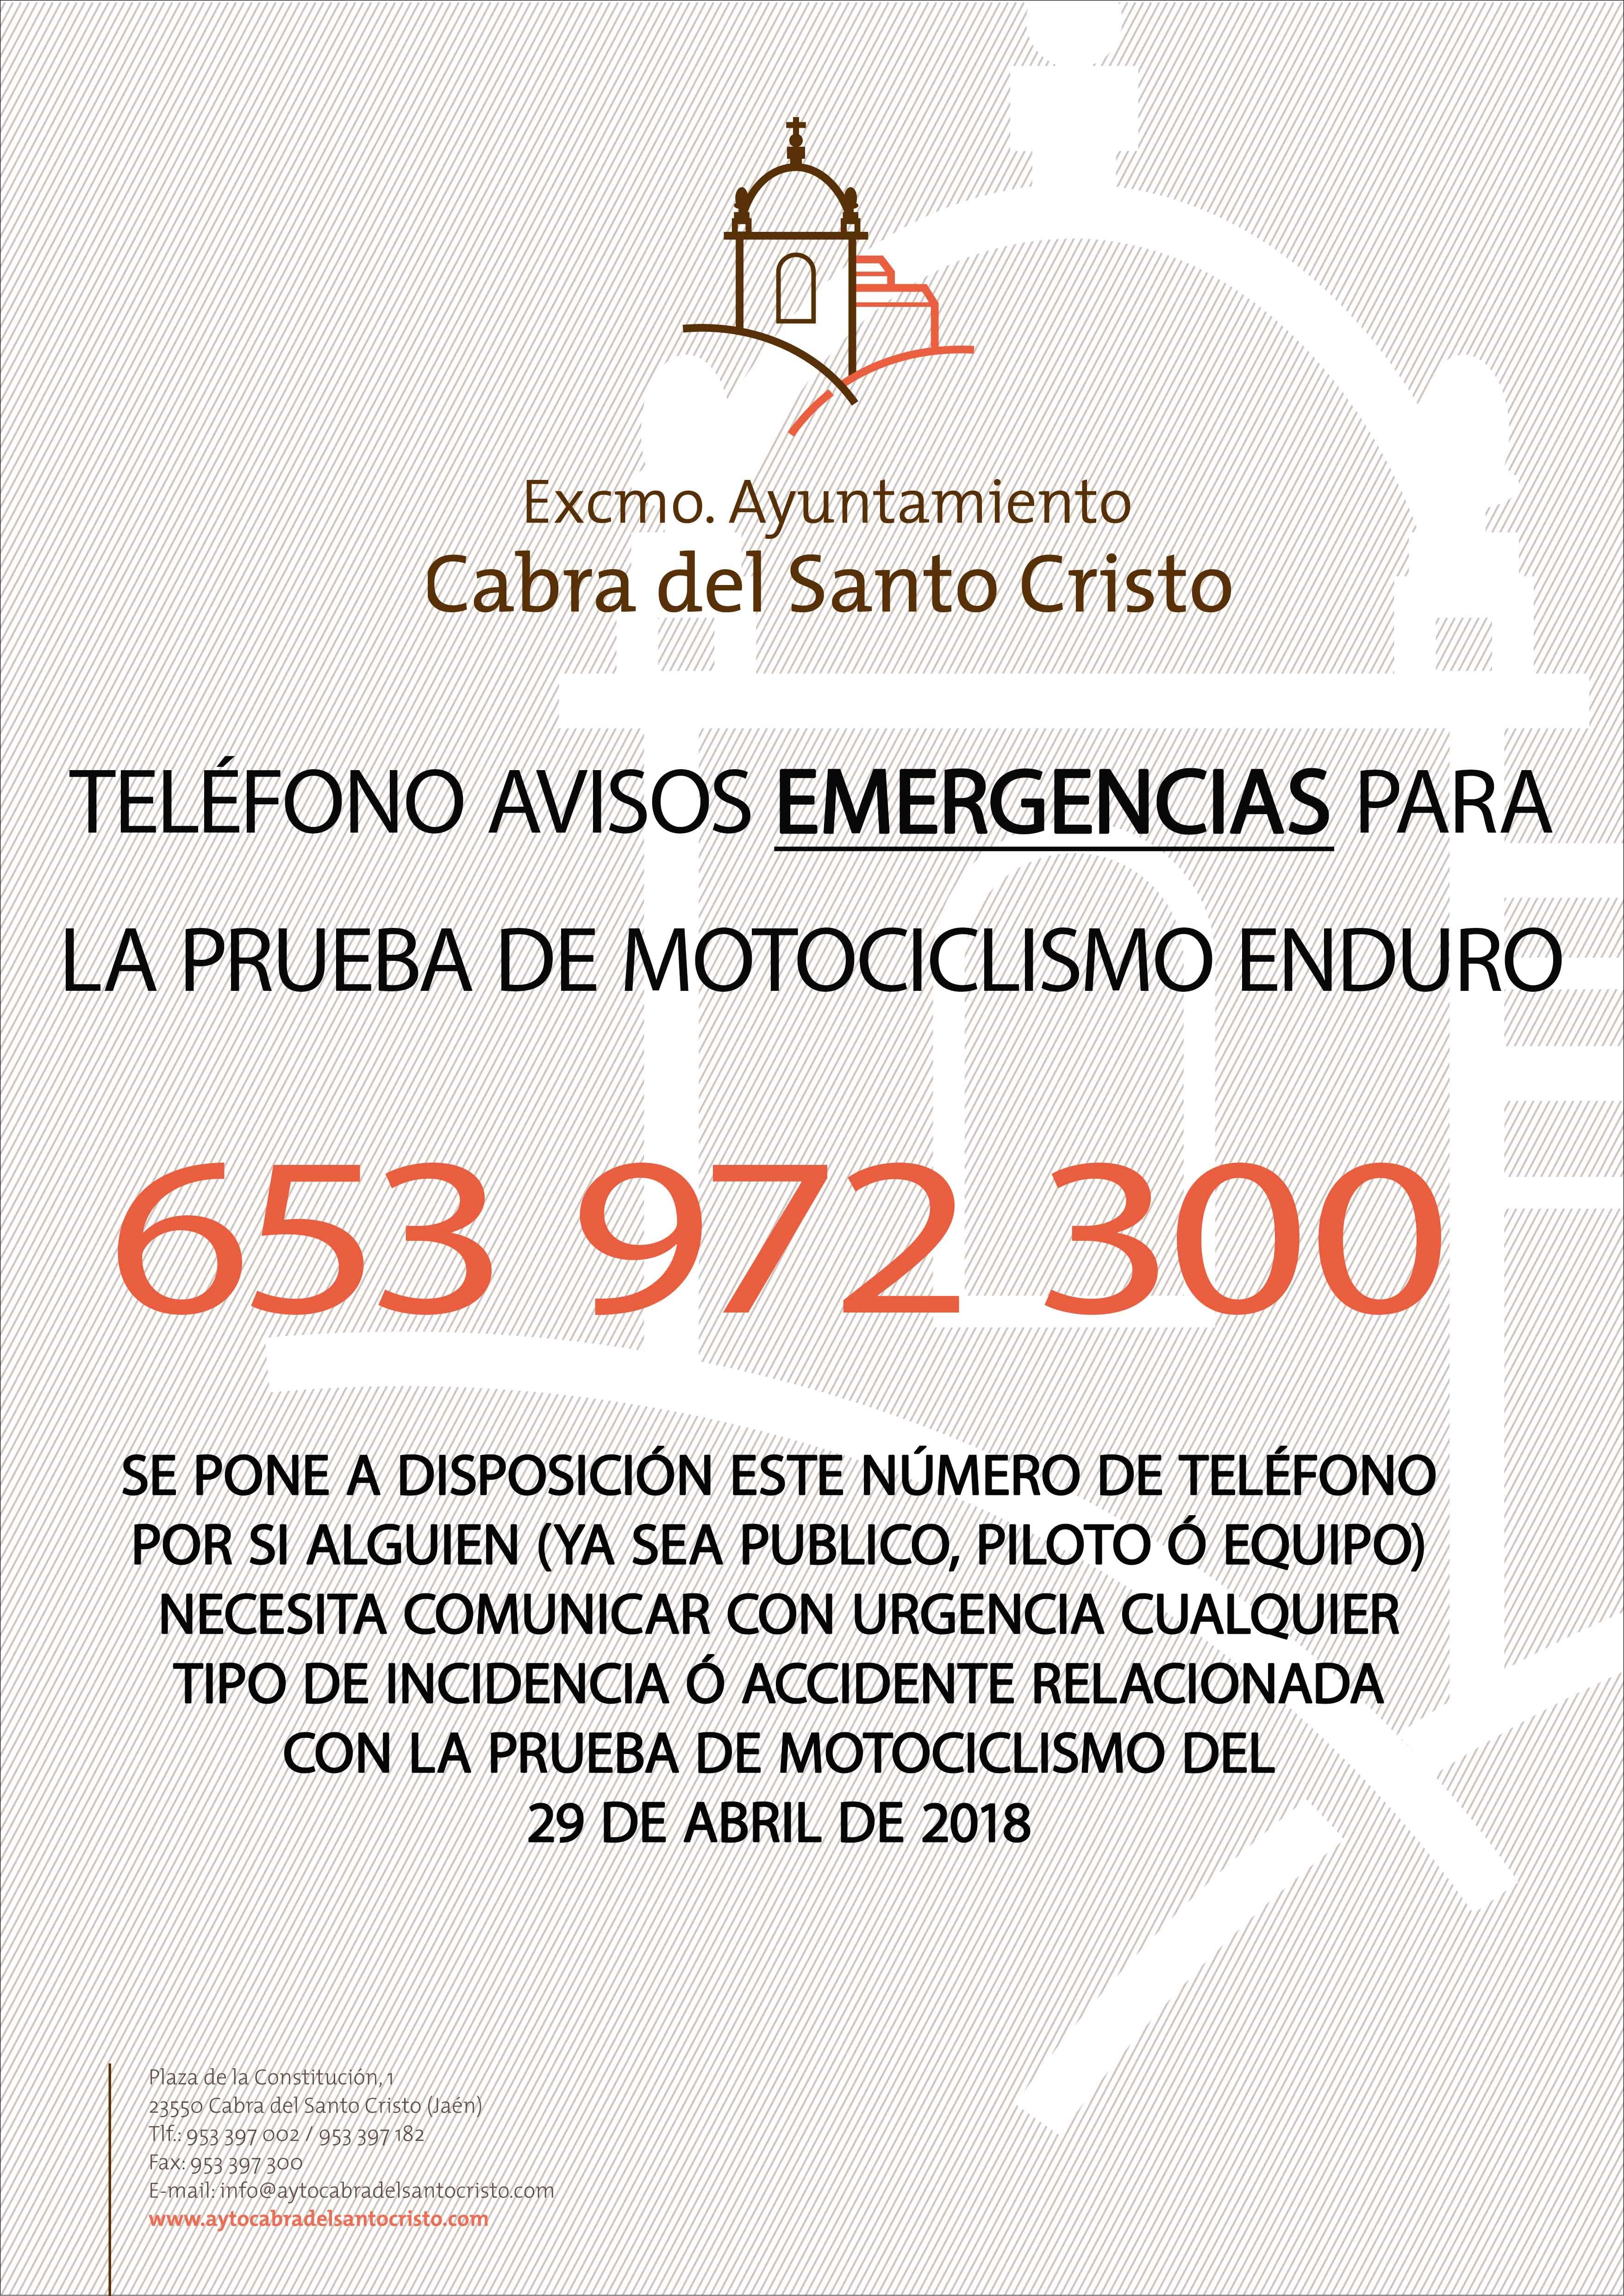 TELÉFONO EMERGENCIAS ENDURO 29 ABRIL 2018